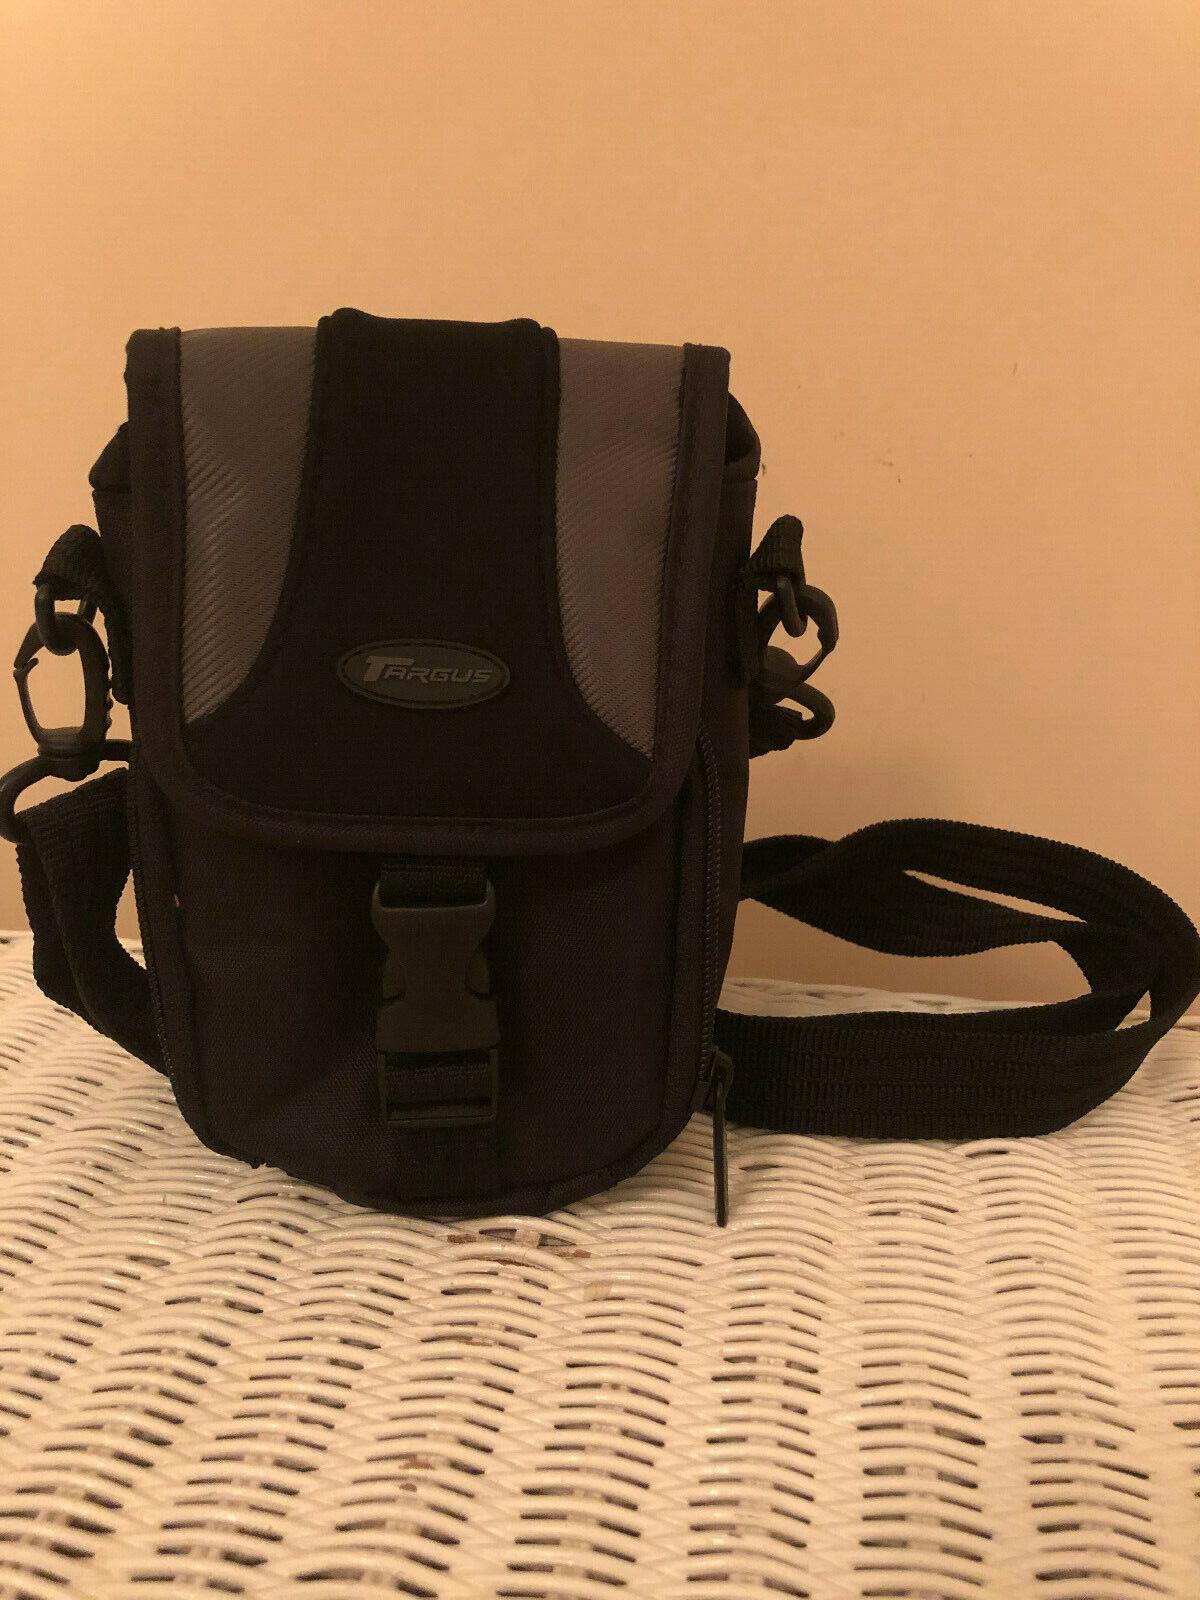 Targus Camera Bag, Small, Snap Lock Closure, Adjustable Strap, New W/o Tags - $10.00